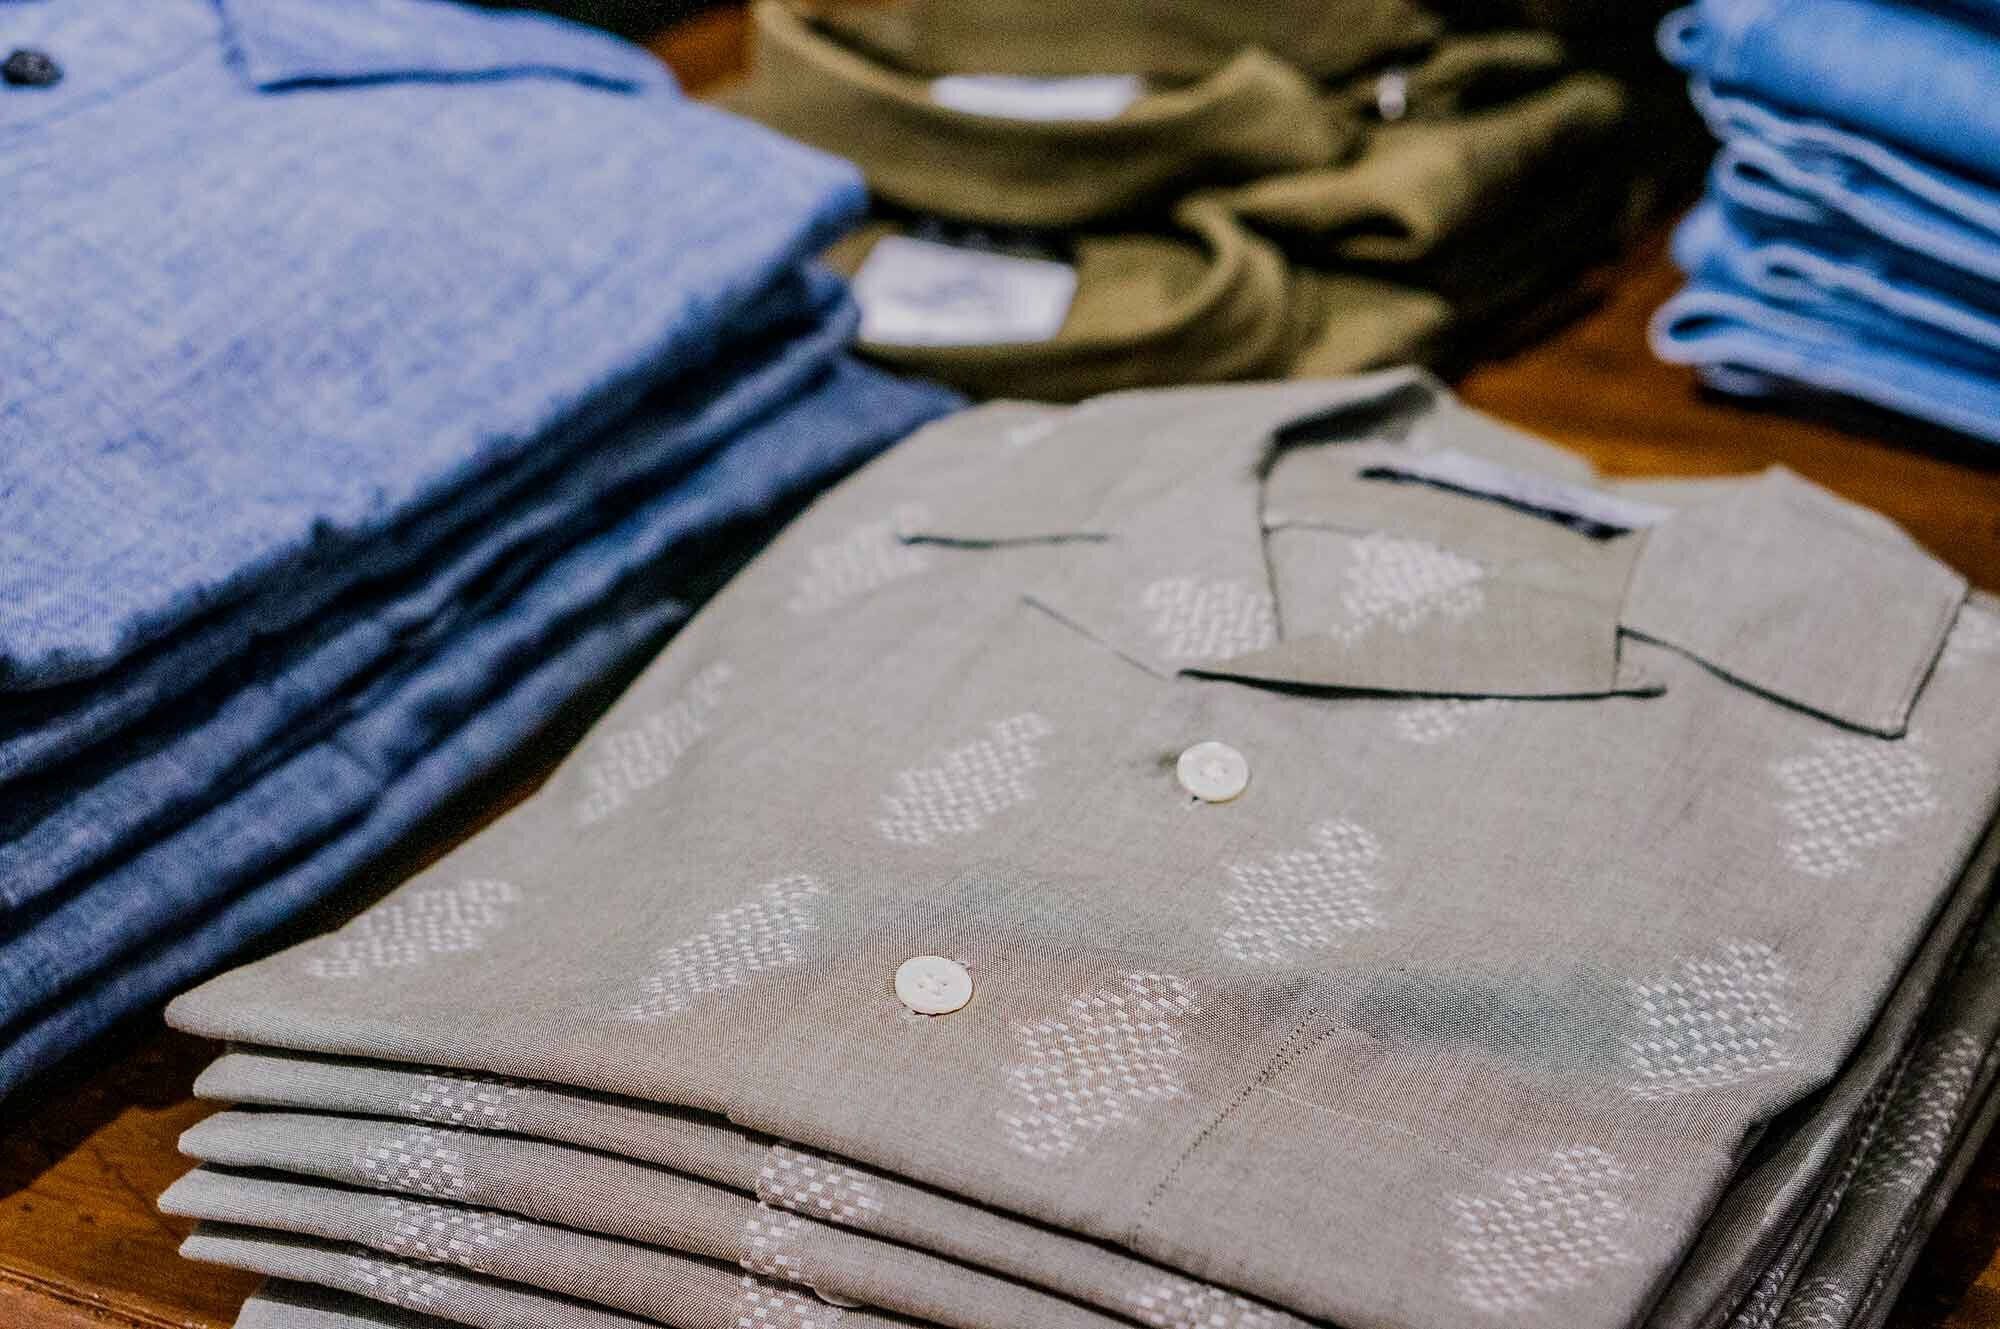 drinkwaters_cambridge_great_mens_clothing_06.jpg